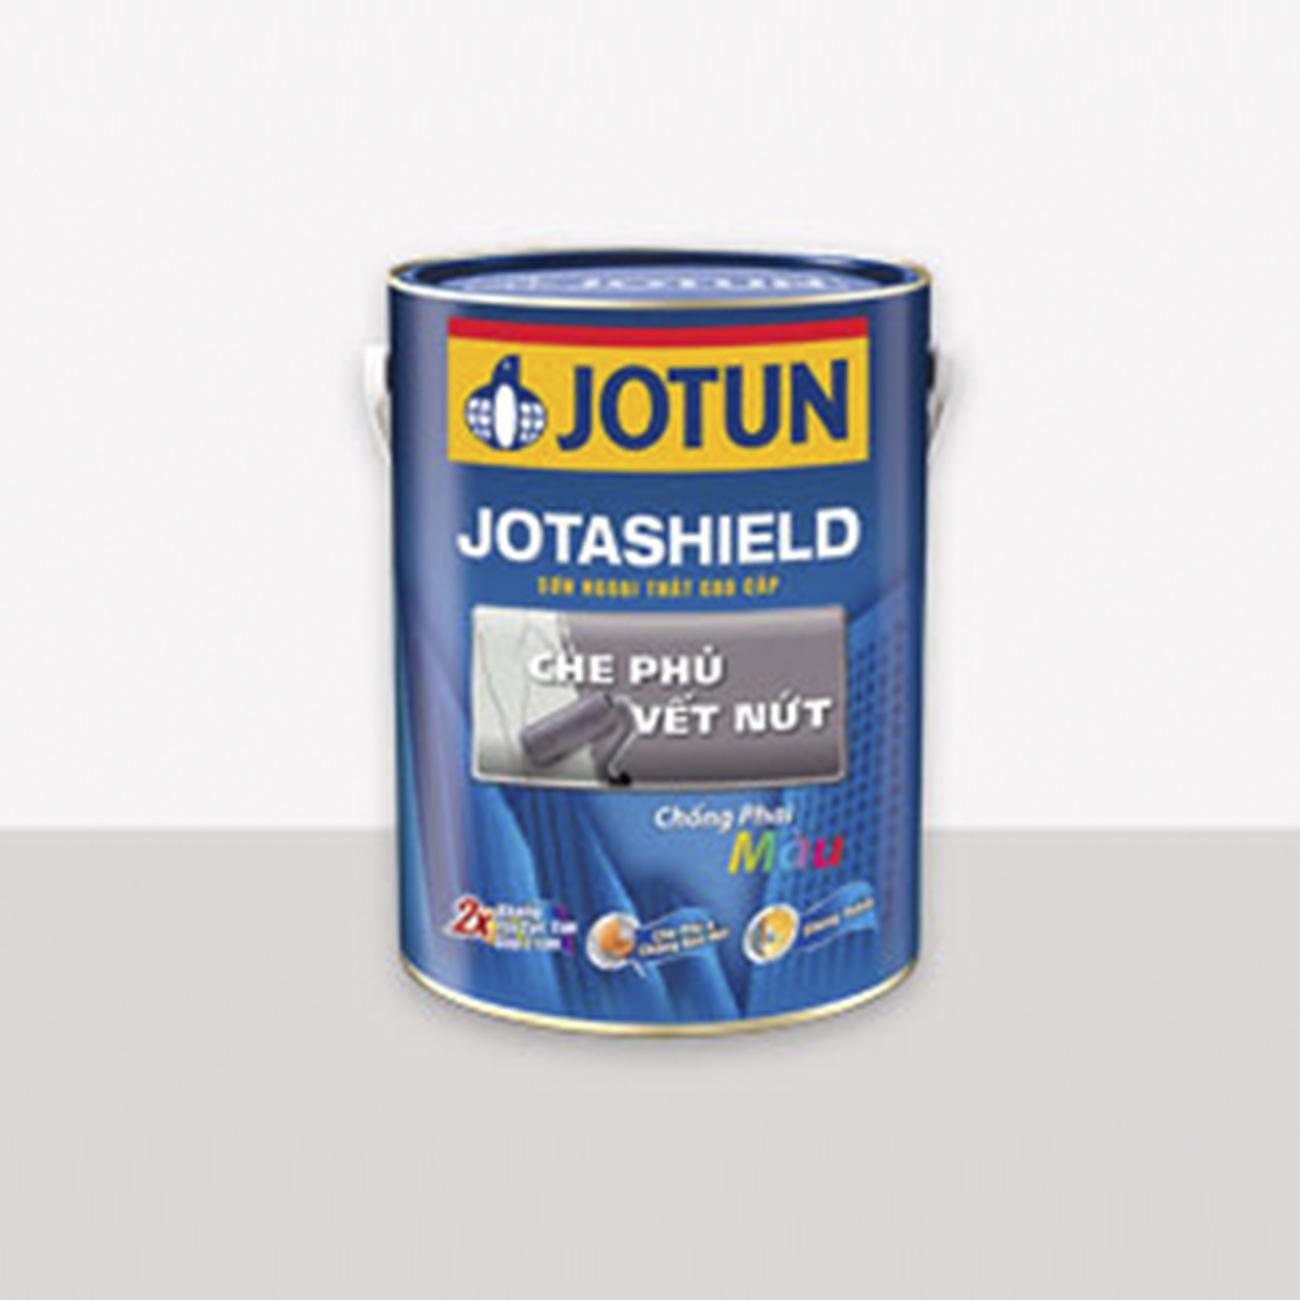 Sơn ngoại thất Jotun Jotashield che phủ vết nứt 5 Lít